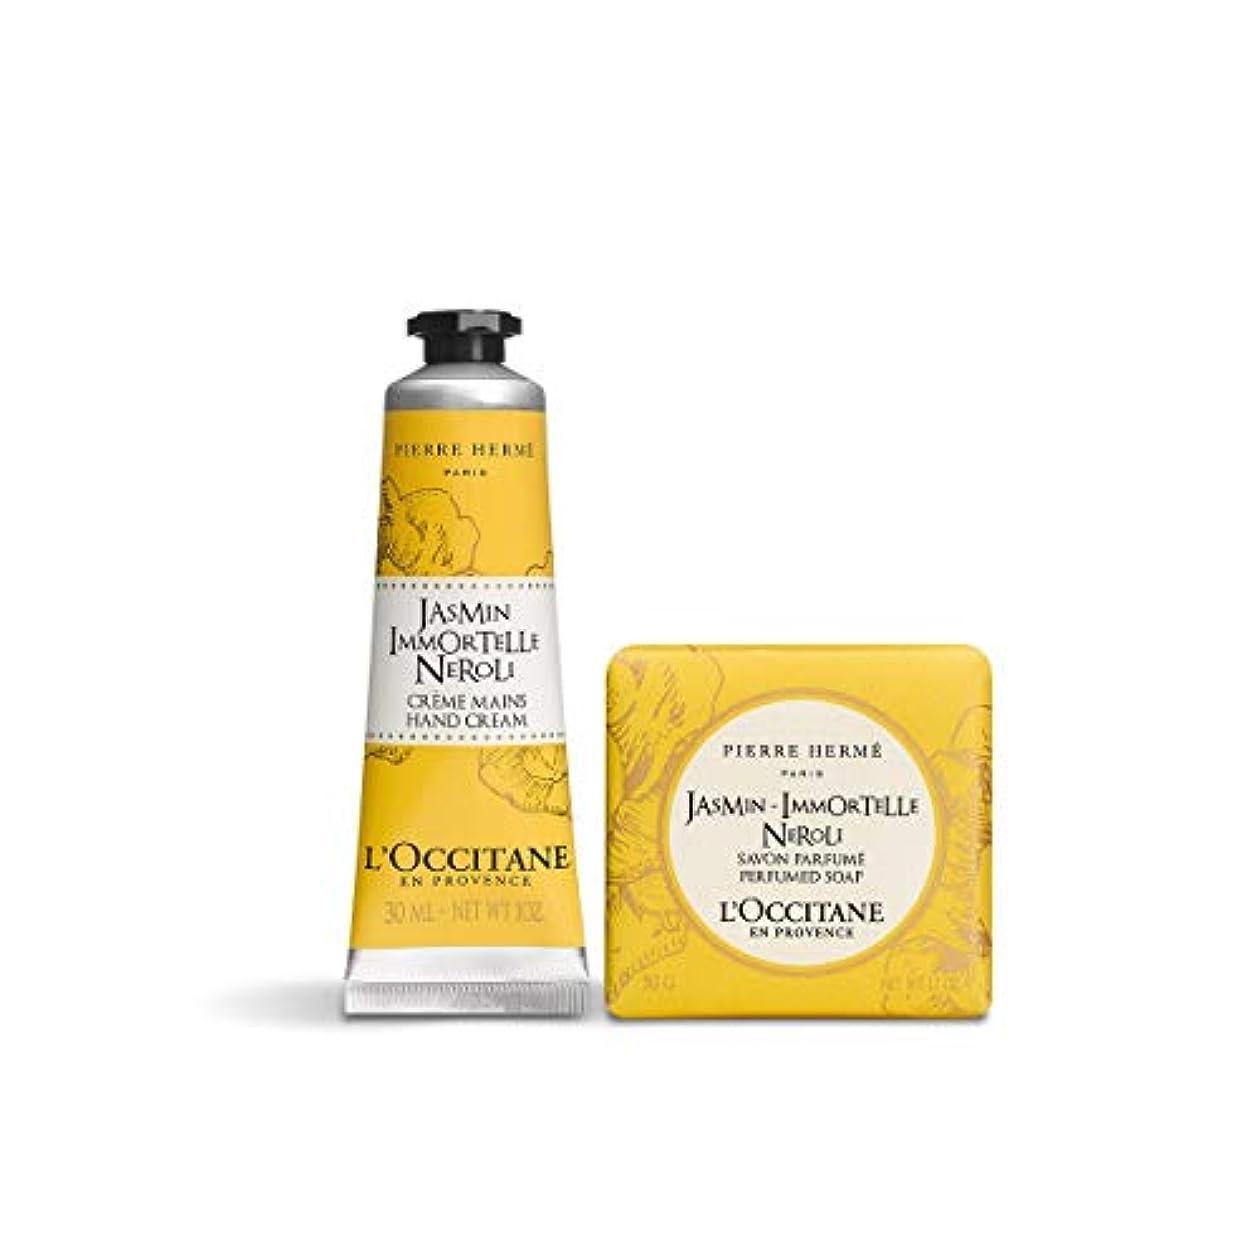 サンドイッチミリメートルディーラーロクシタン(L'OCCITANE) ジャスミン イモーテル ネロリ メルシーキット(ハンドクリーム30ml+バスソープ50g)